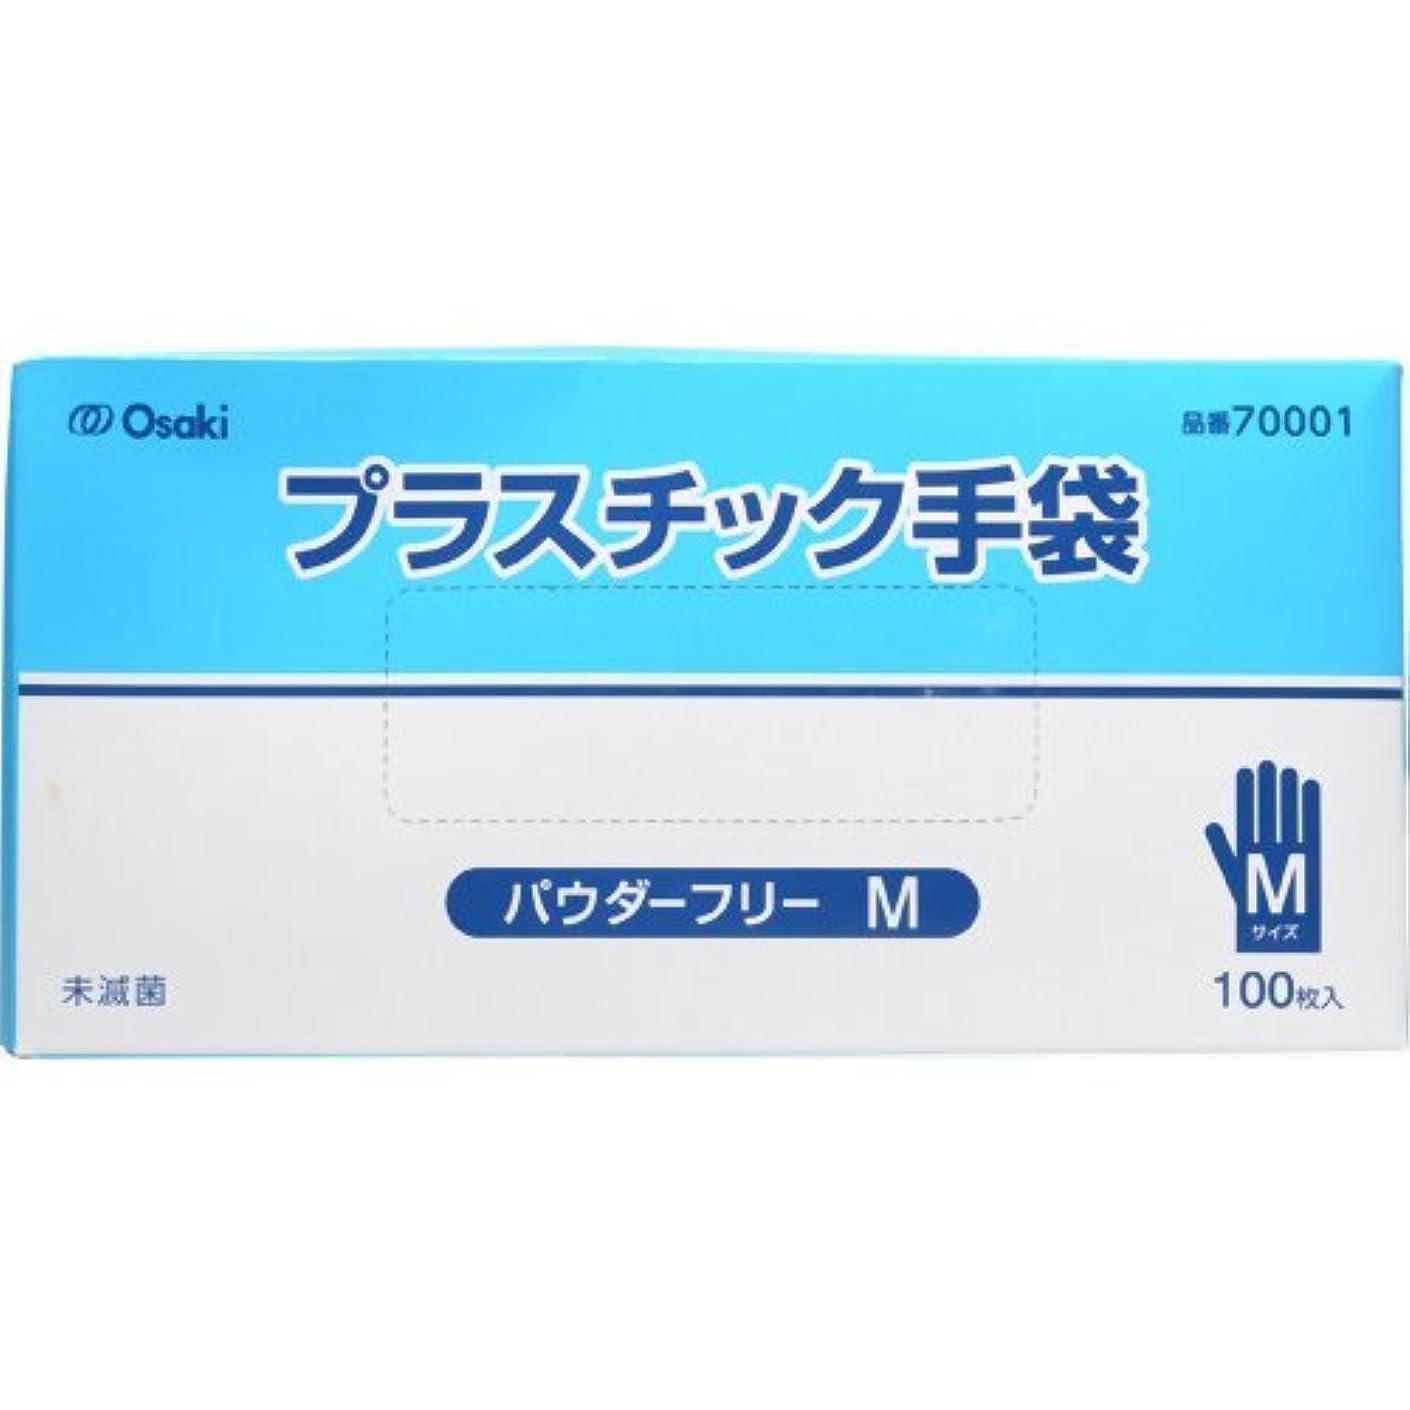 平手打ち政府シェトランド諸島オオサキメディカル プラスチック手袋 PF Mサイズ 100枚入